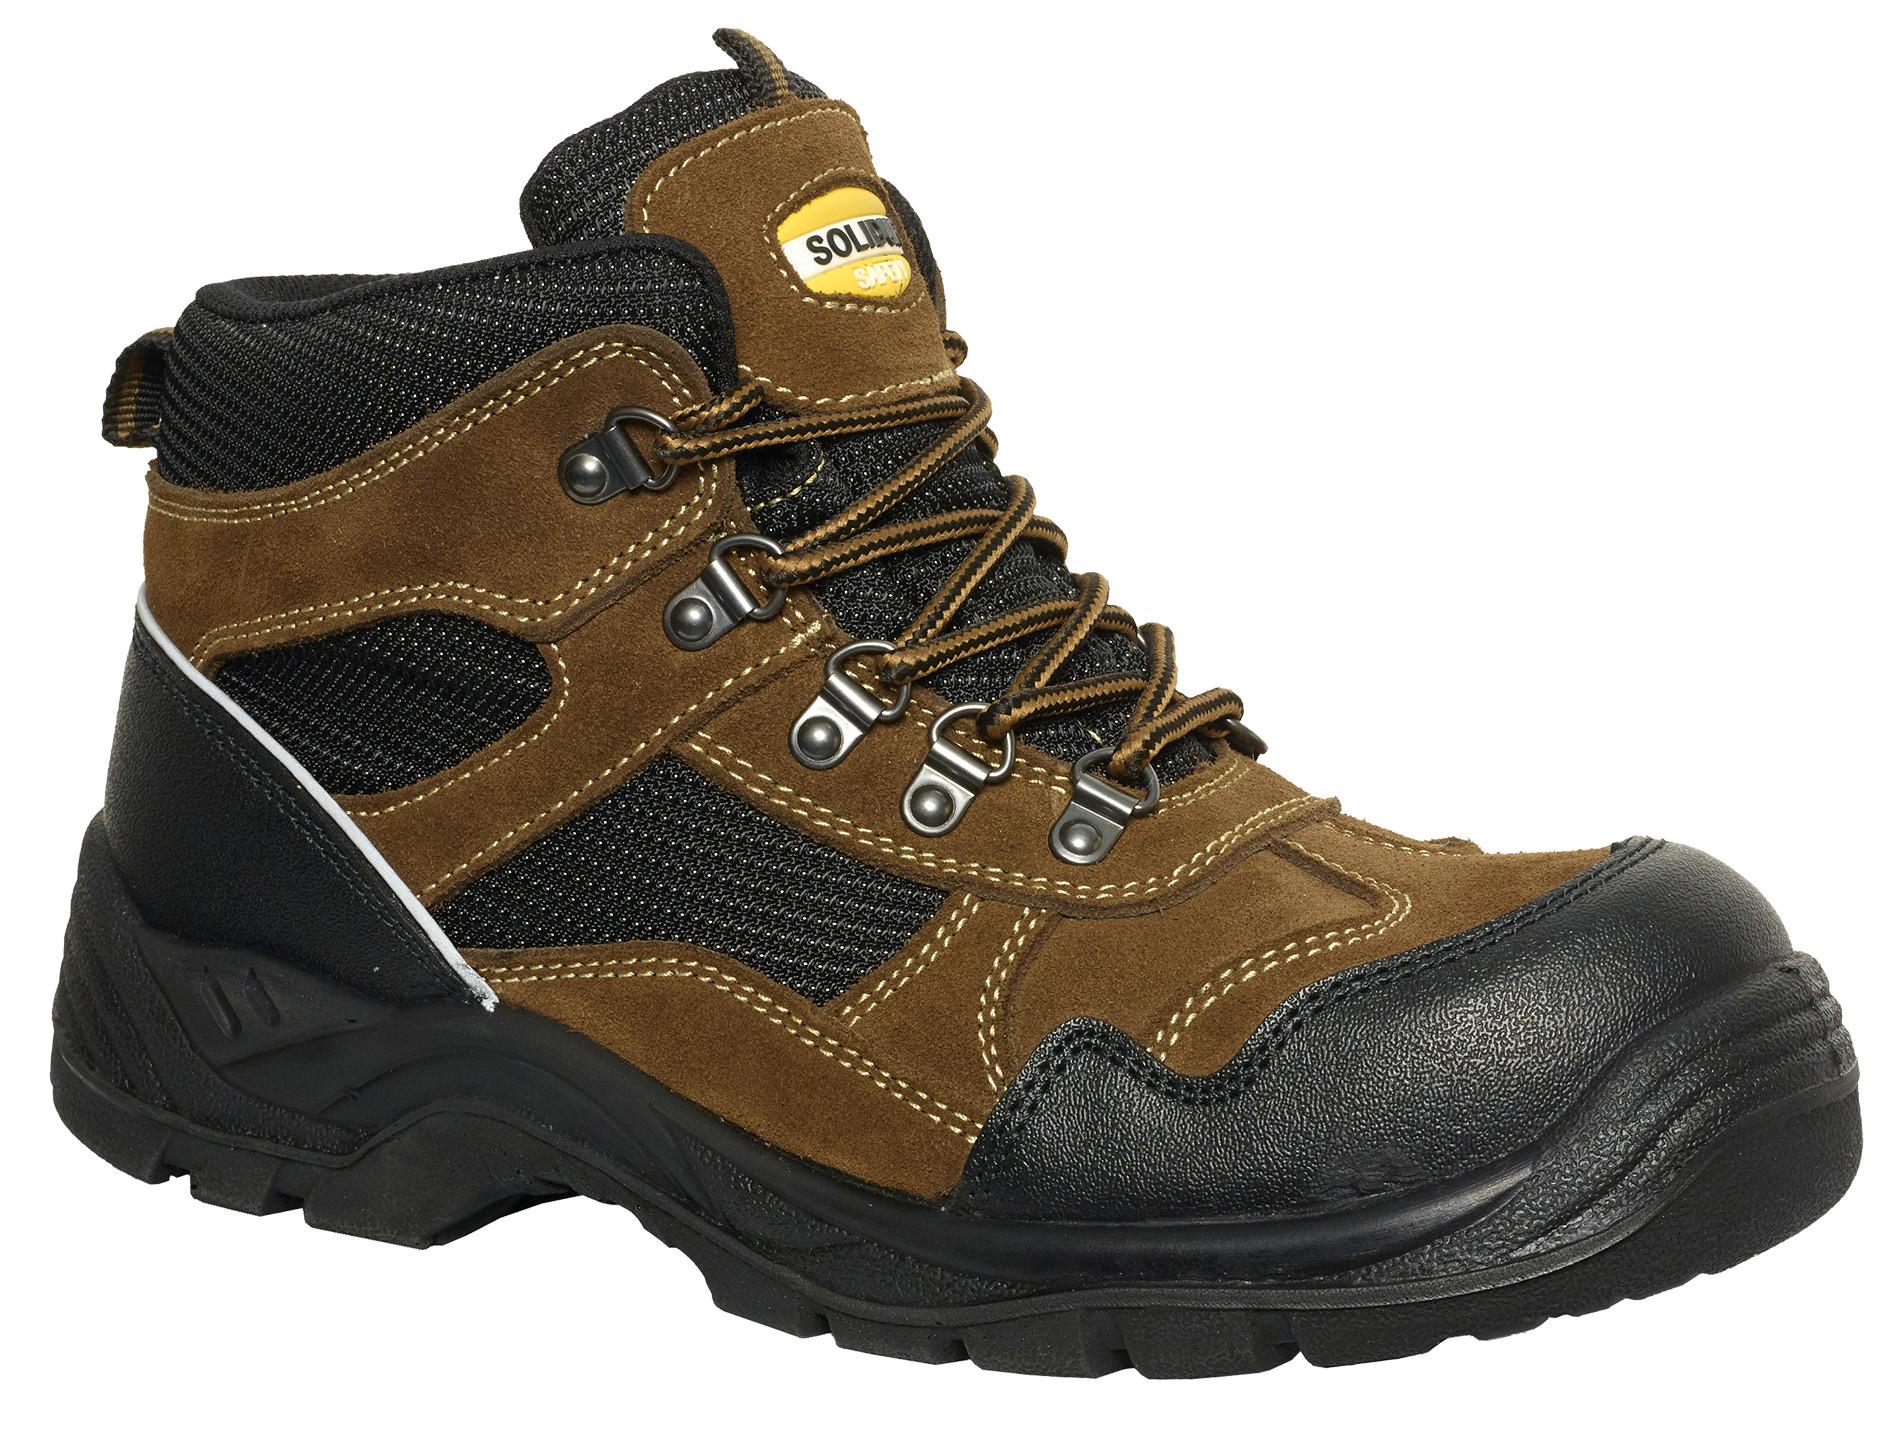 Chaussures de sécurité hautes S3 DEBAO